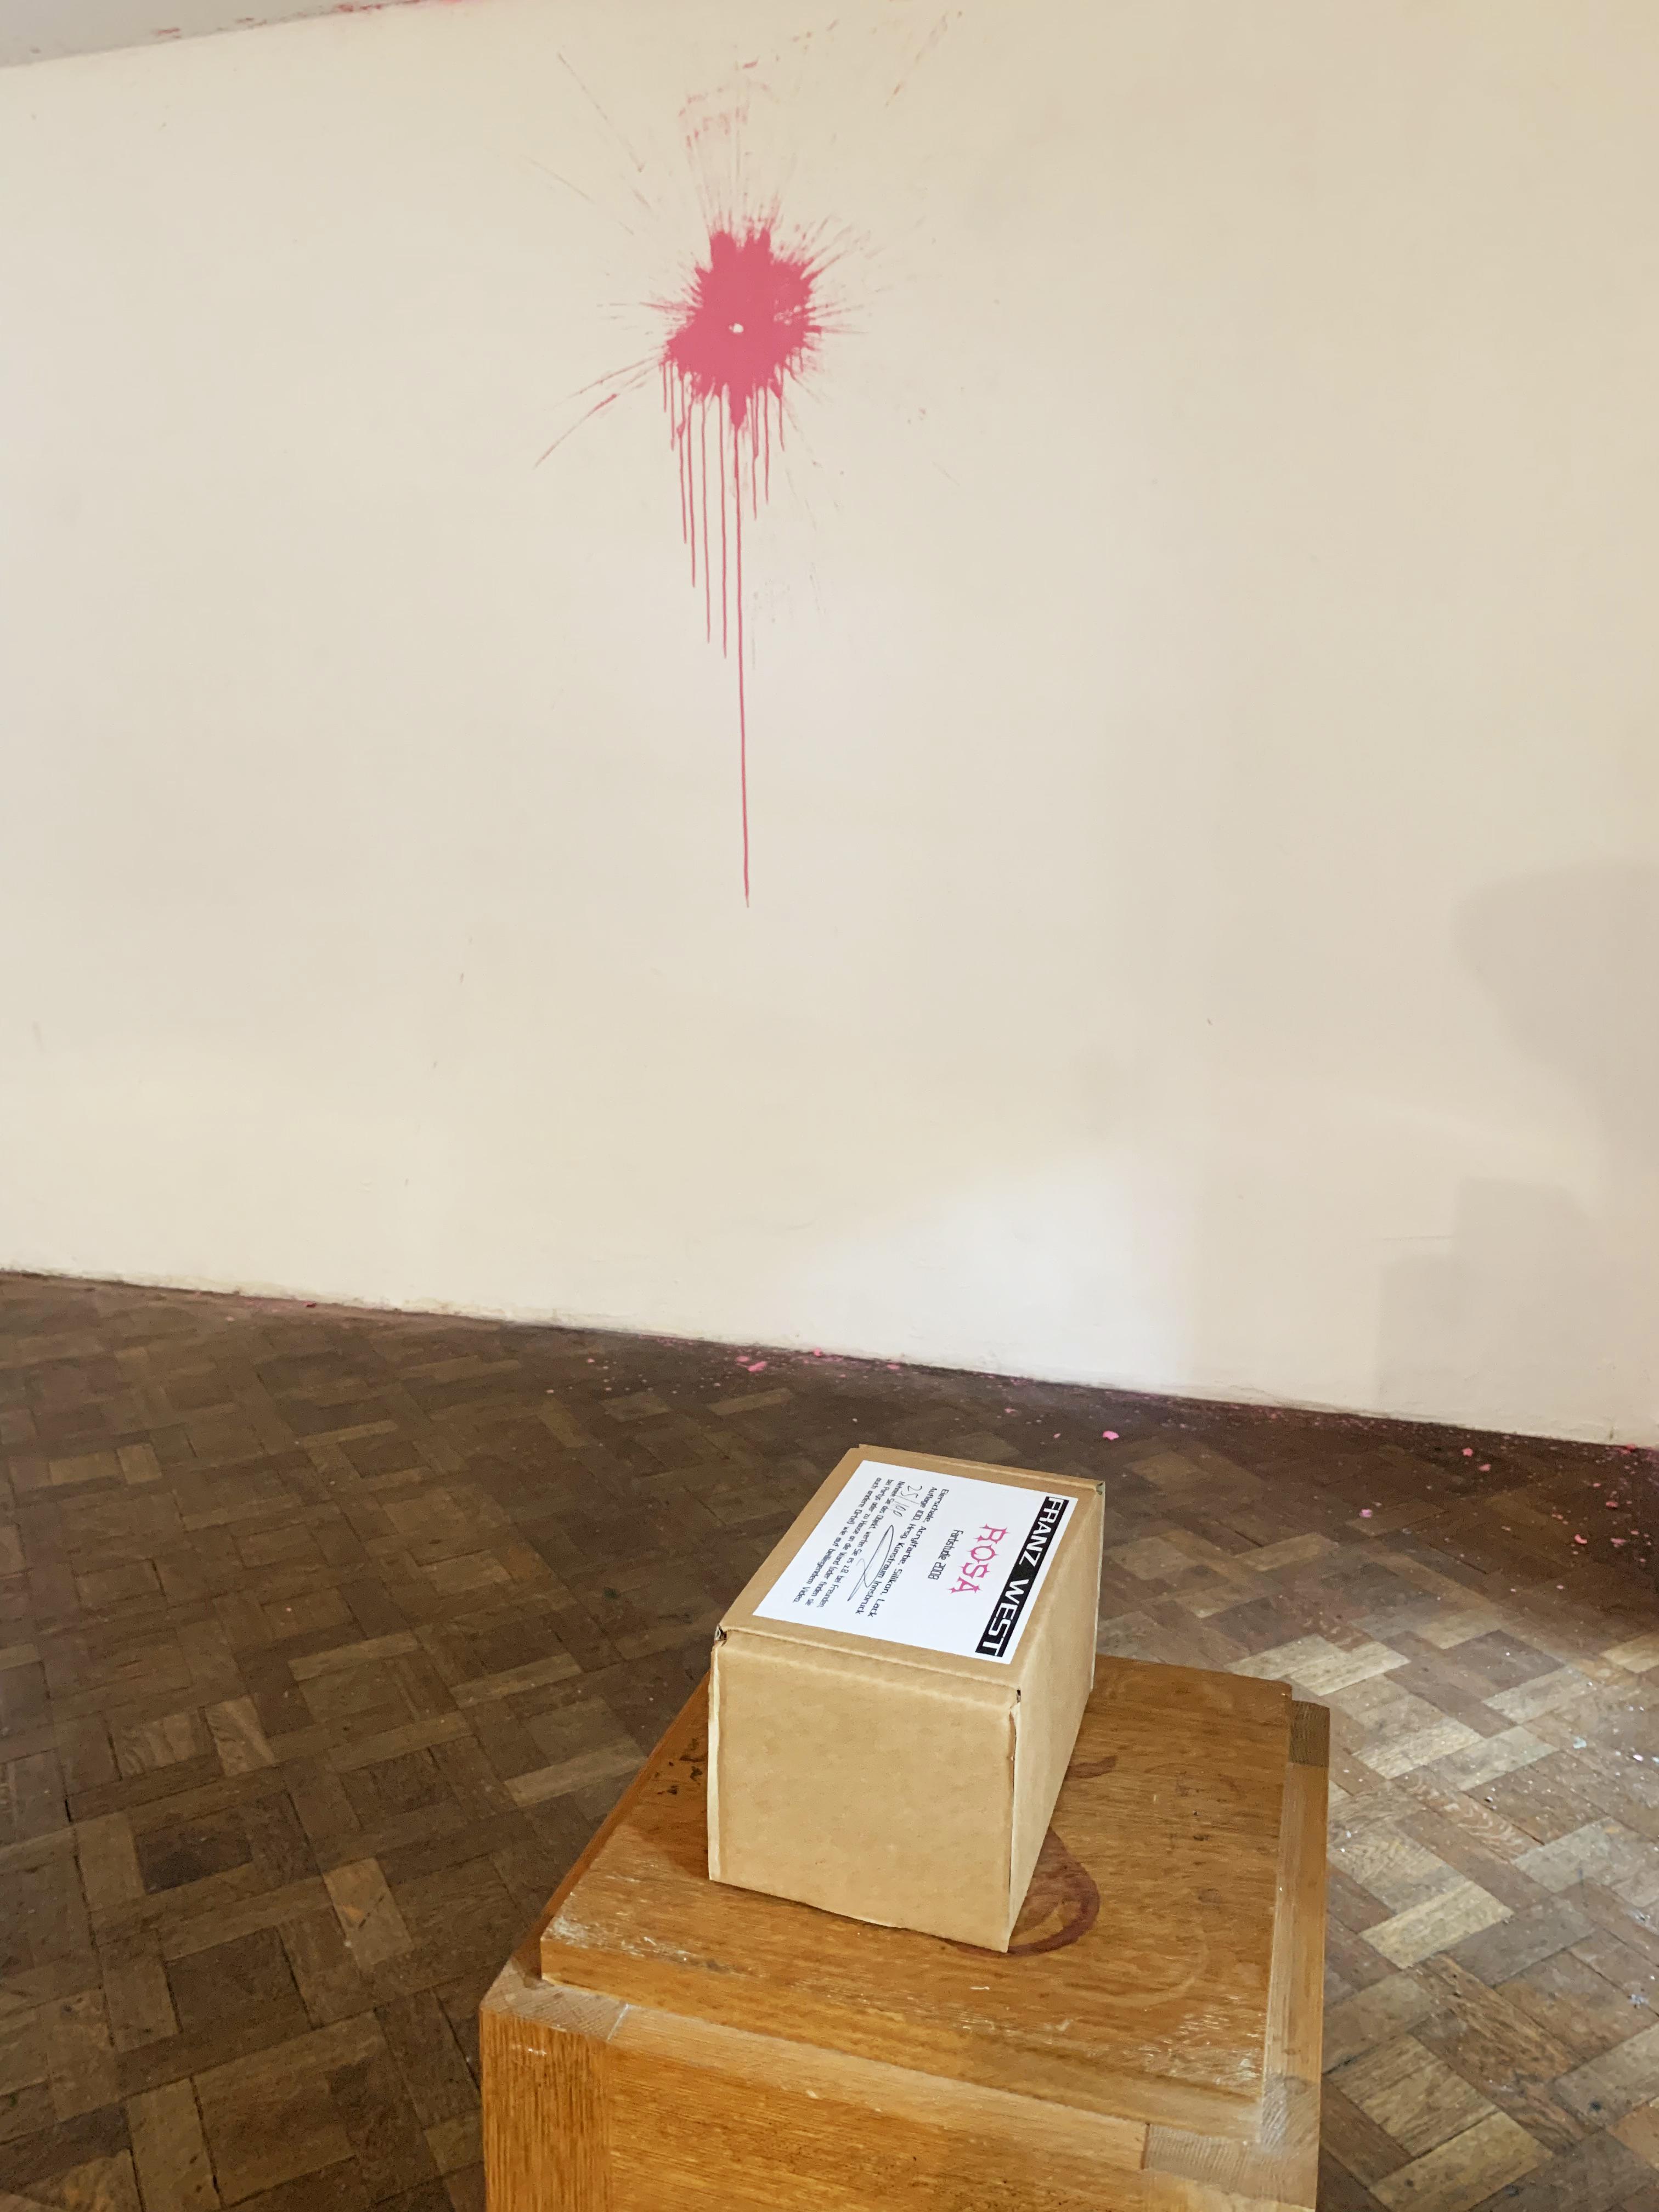 Ausstellungsansicht, EIN PASSSTÜCK, Edition Farbstudie Rosa, Büro Weltausstellung, 2019